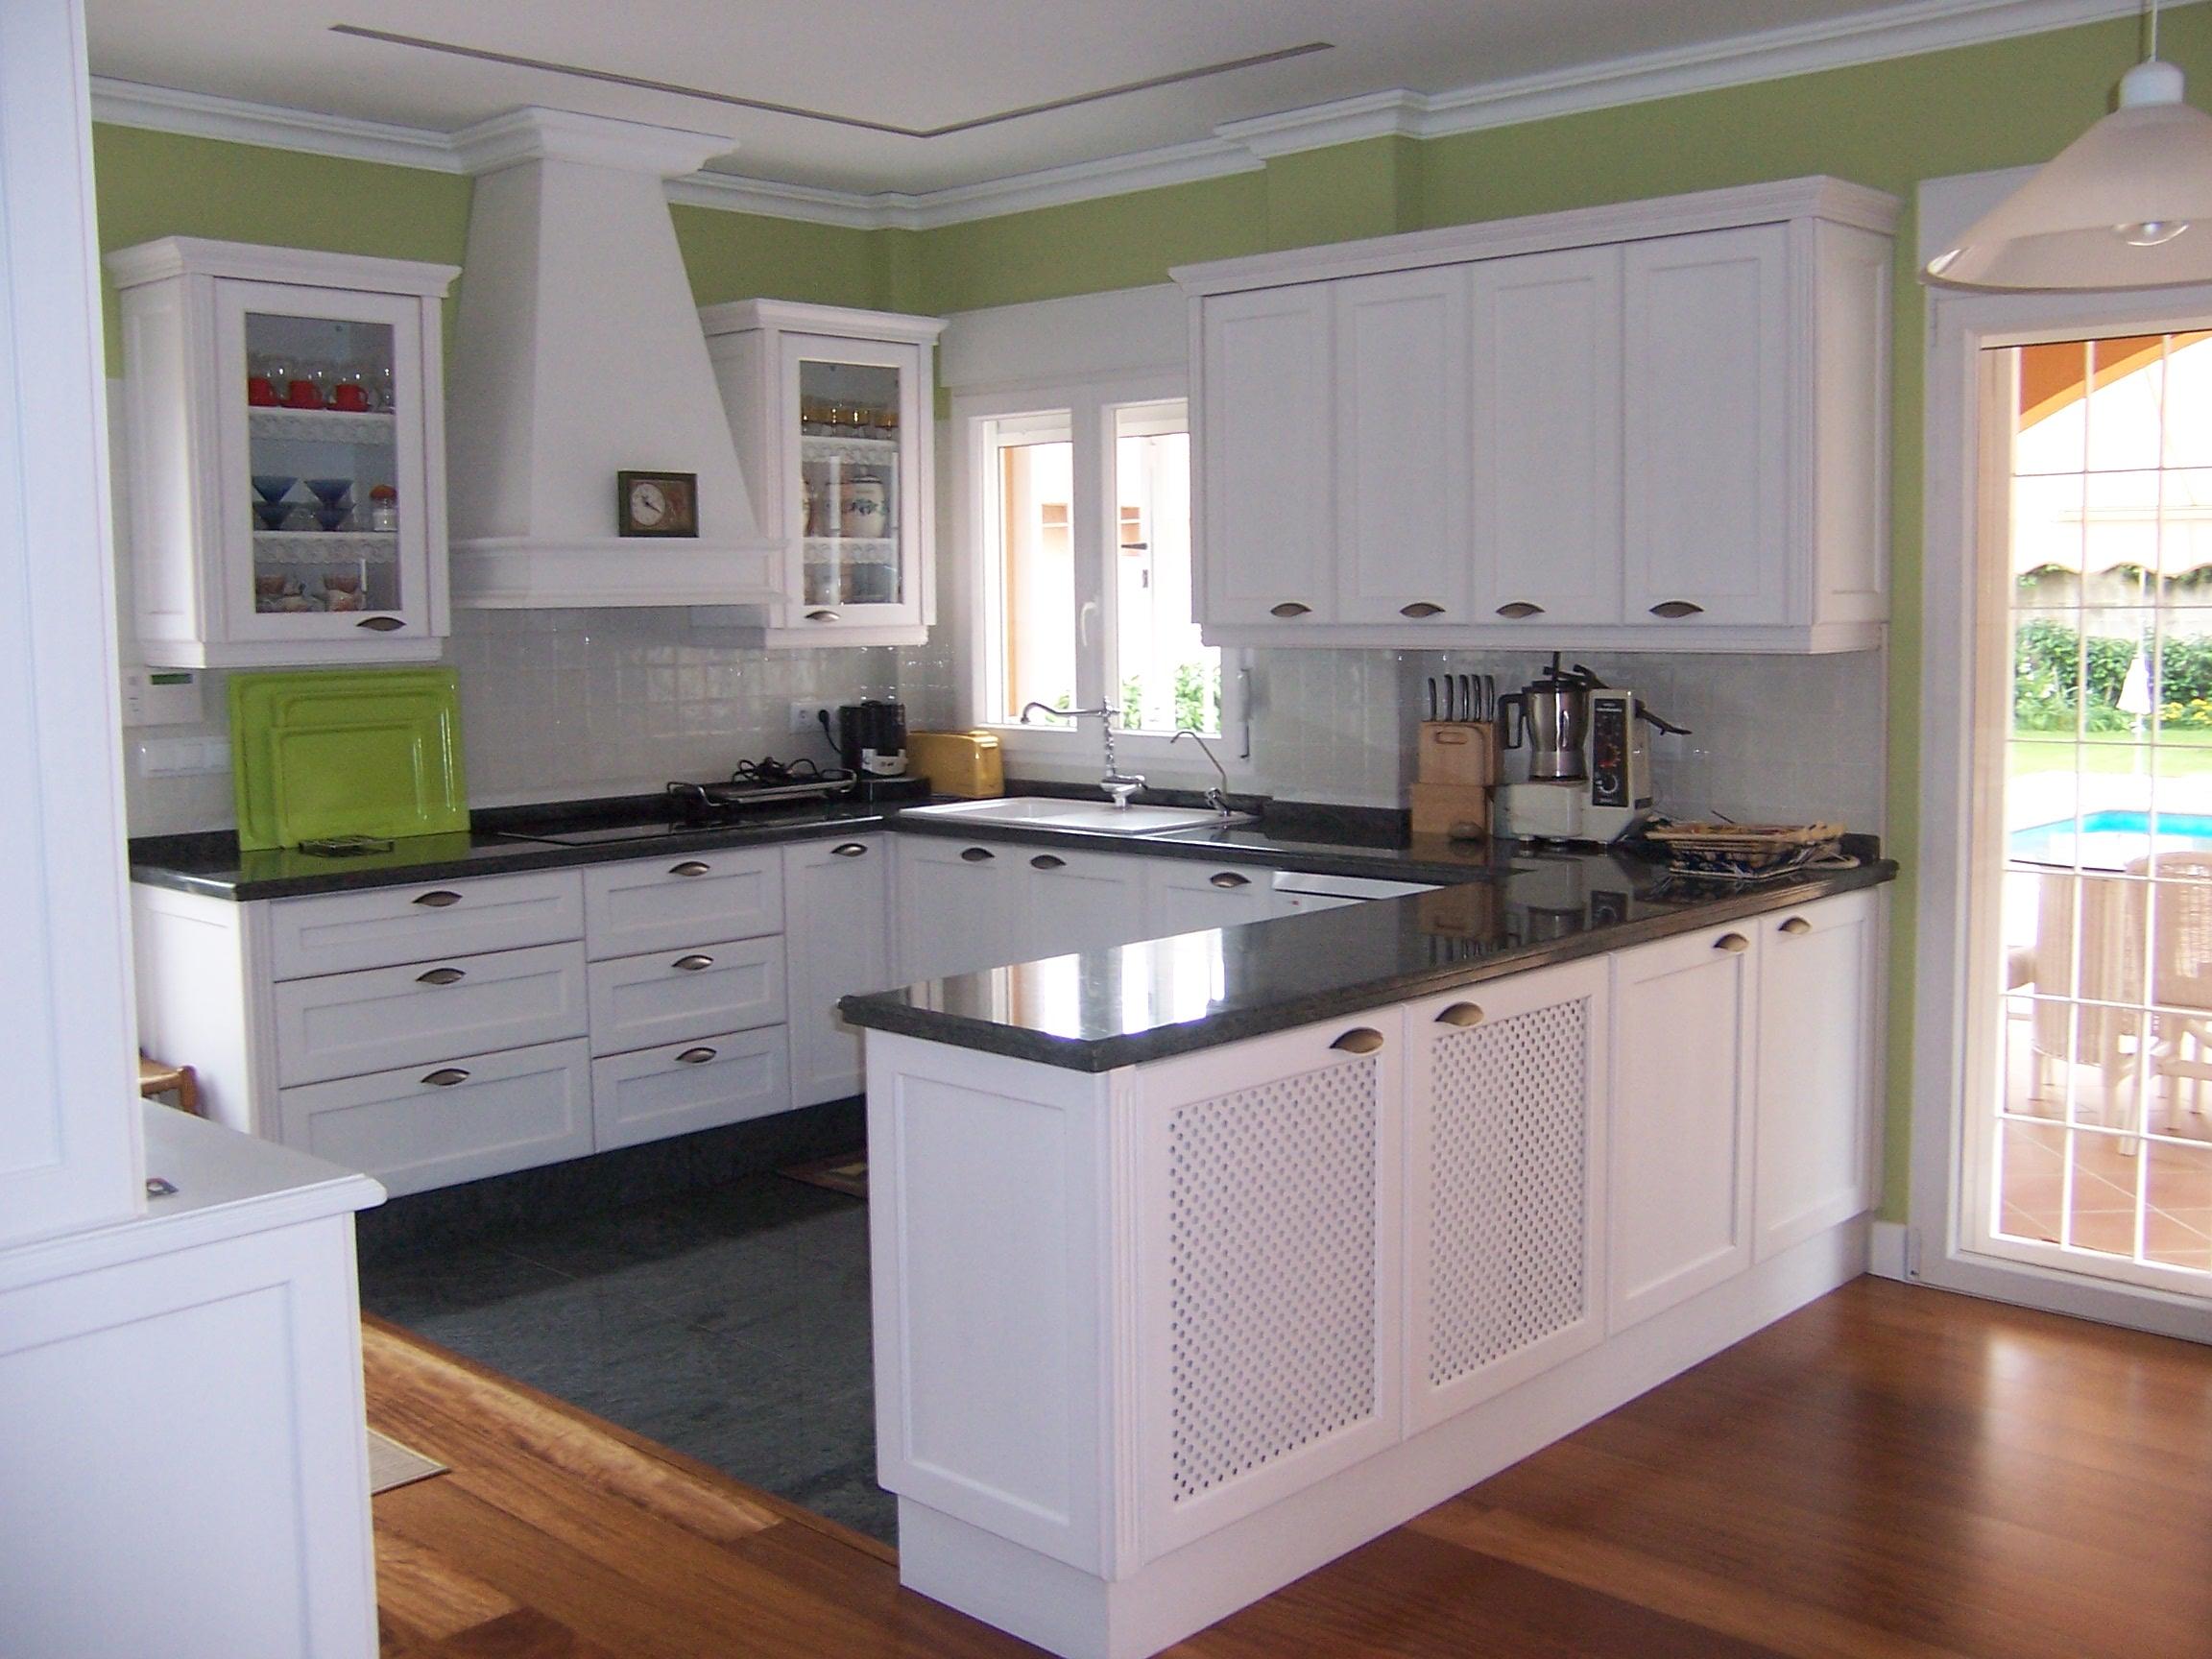 Cocinas carpinter a juan pedro s nchez cascales - Cocinas lacadas en blanco ...